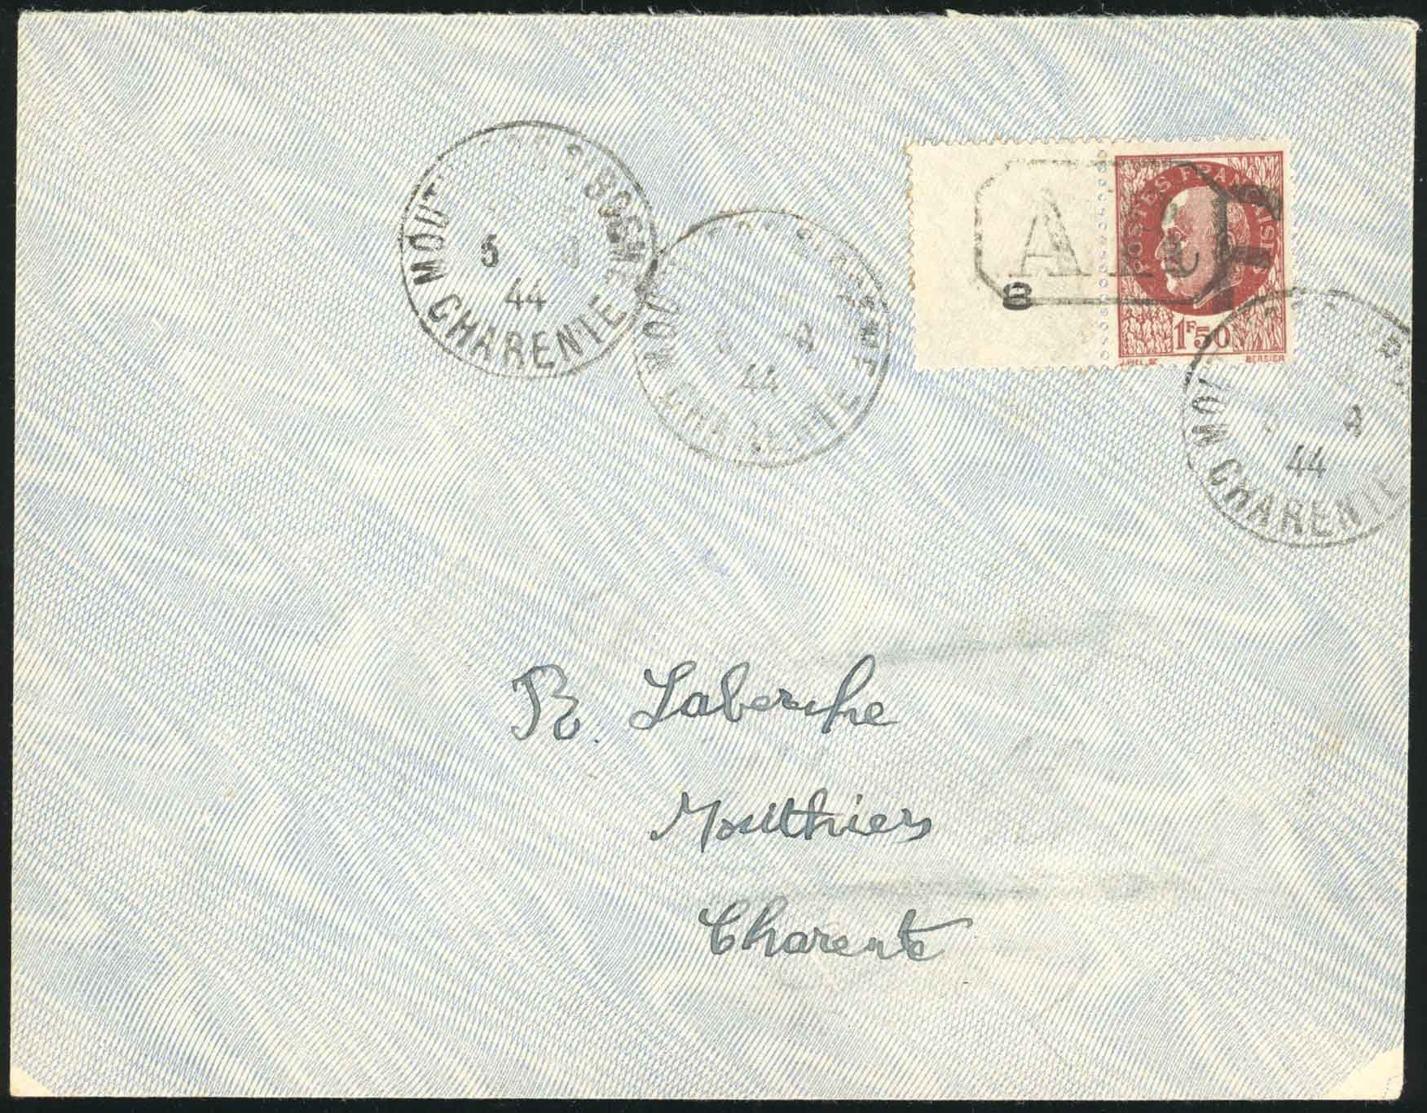 O MOUTHIERS-SUR-BOHEME. 1F.50 Brun-rouge, Avec Bord De Feuille, Obl. S/lettre Locale Frappée Du CàD Du 5 Septembre 1944. - Bevrijding